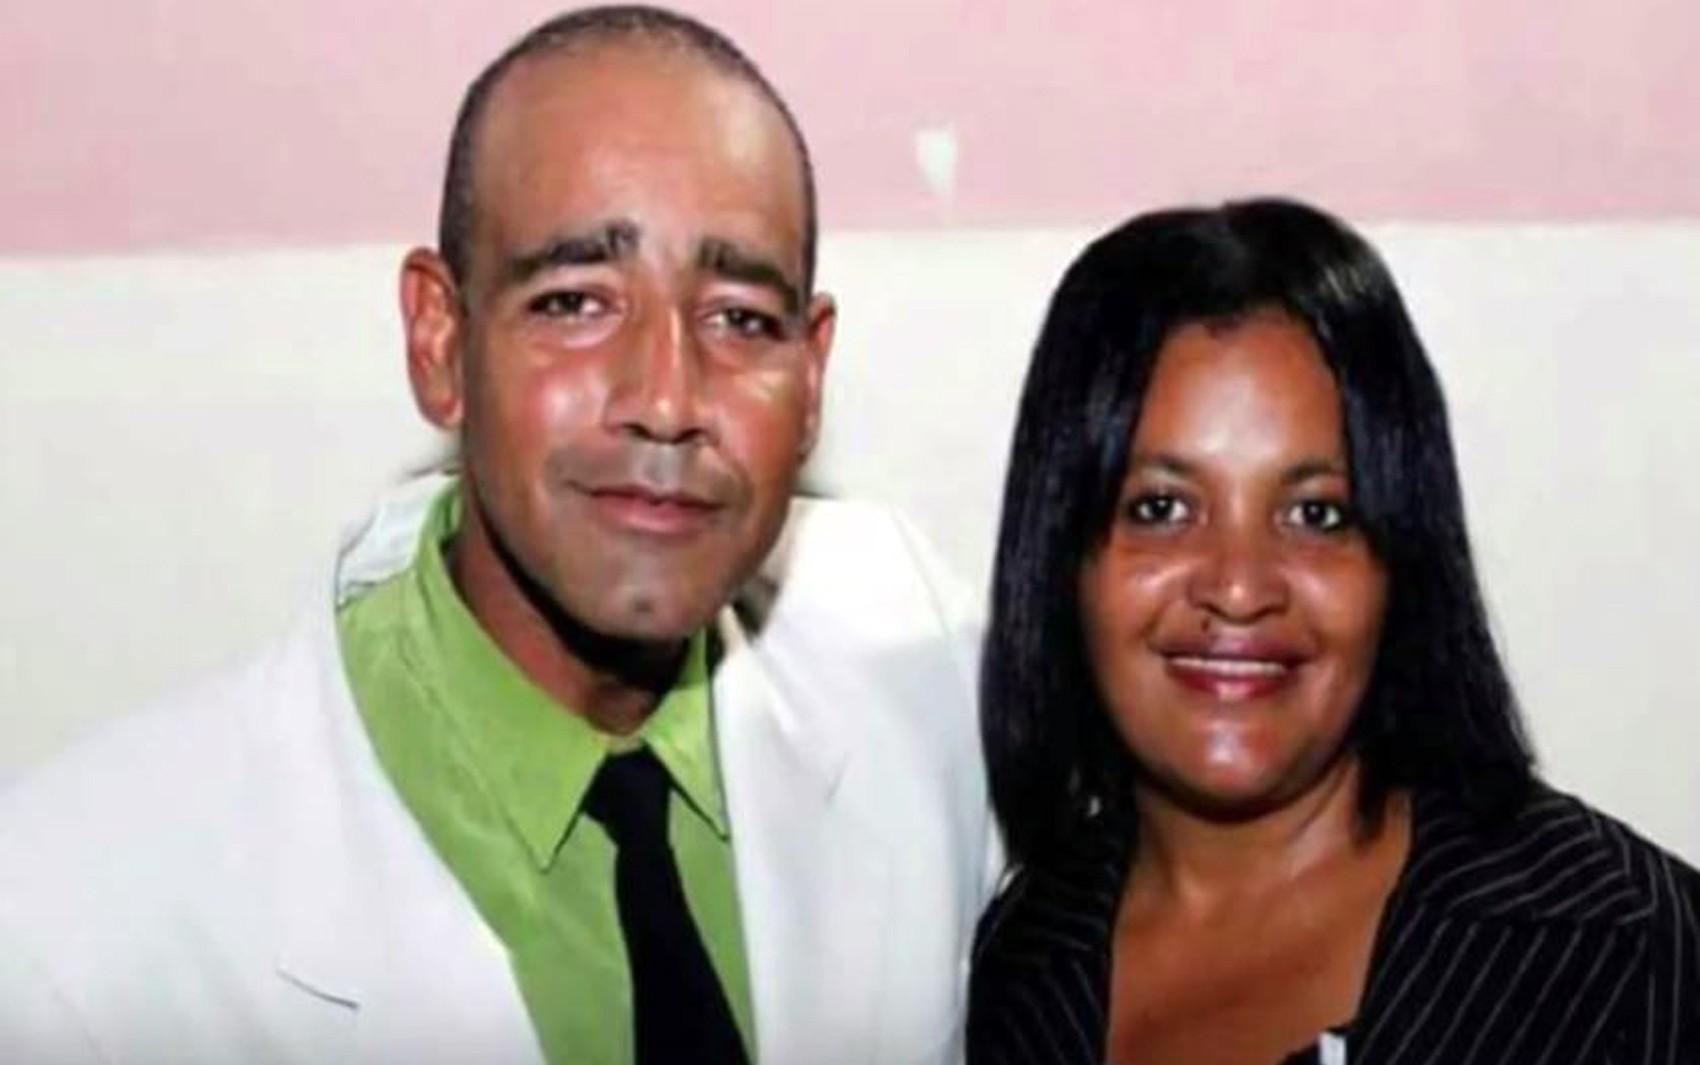 Pastor acusado de matar a esposa é condenado a 22 anos e meio de prisão em Passos, MG